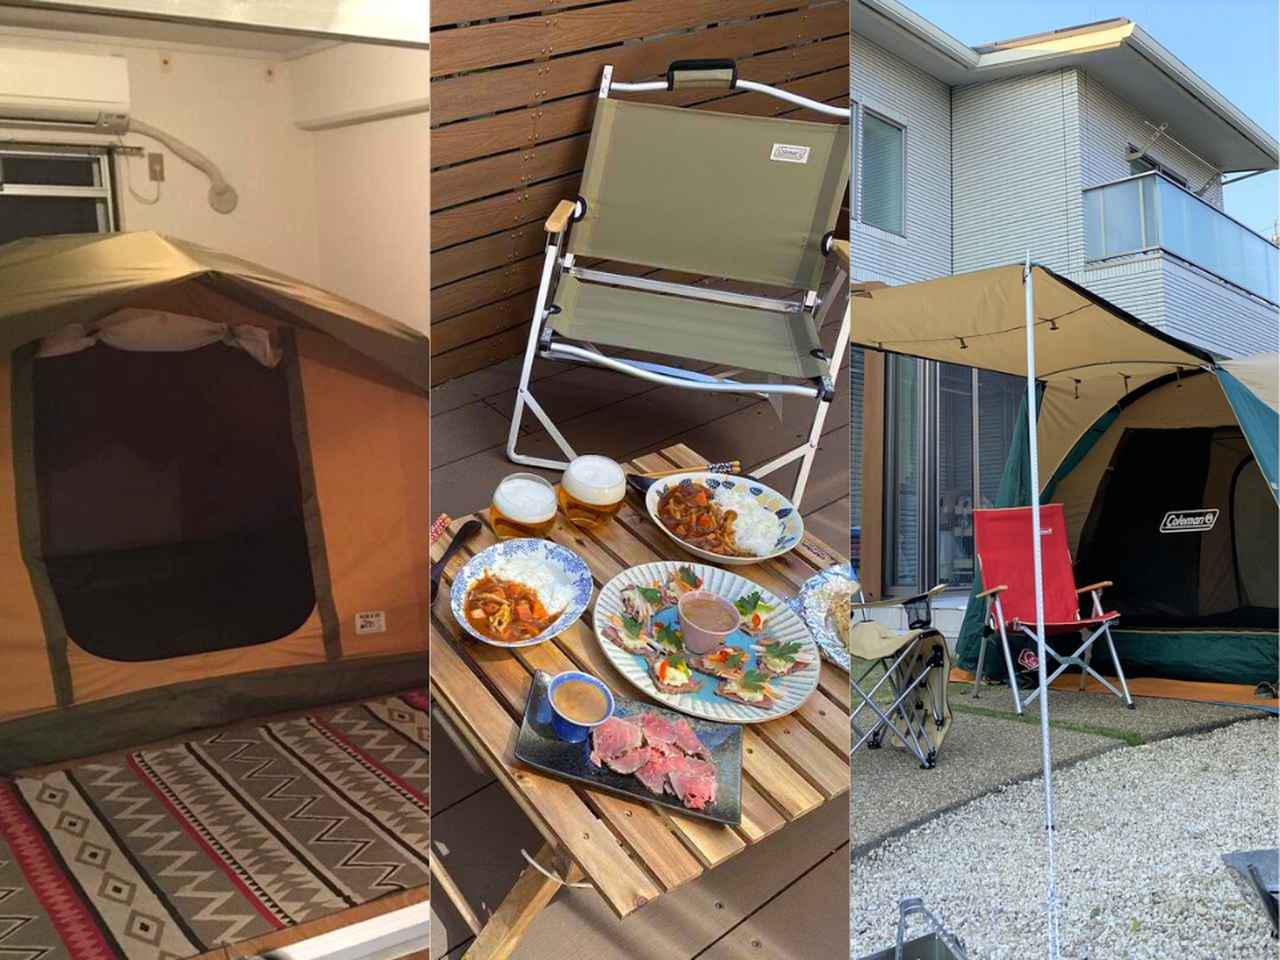 画像: 【おうちキャンプのイロハ】部屋キャンプ・ベランピング・庭キャンプを楽しむ方法 人気の道具や過ごし方など - ハピキャン(HAPPY CAMPER)